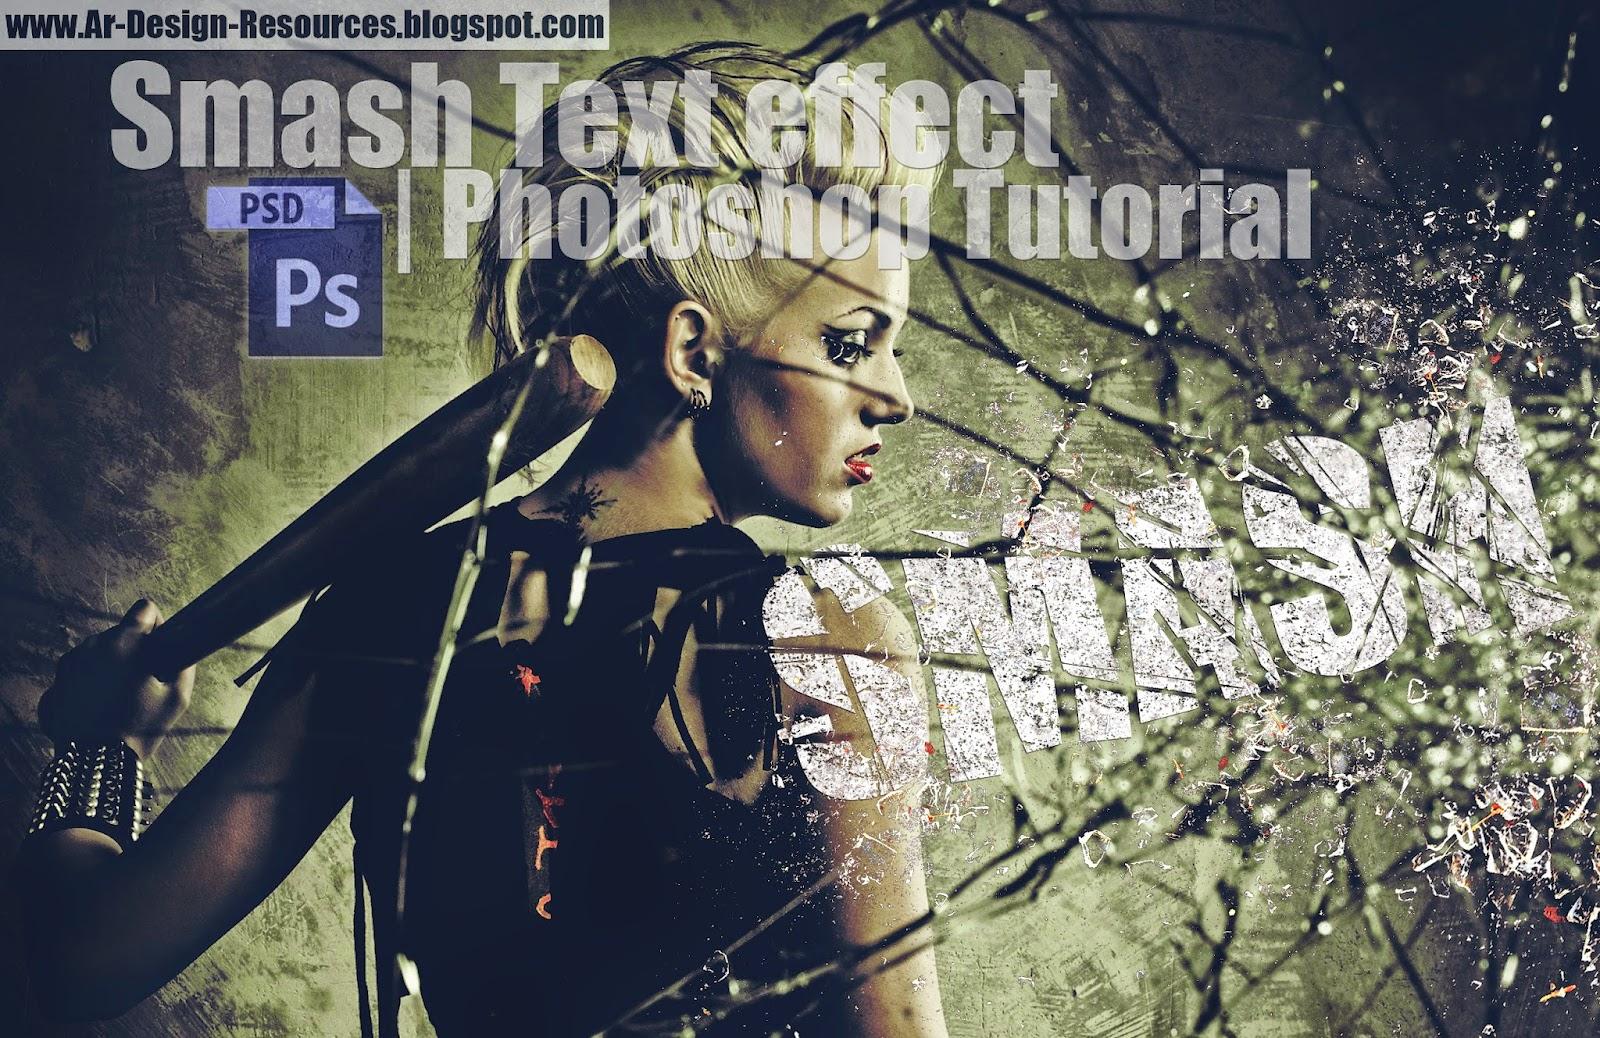 http://1.bp.blogspot.com/-E8VkcOl_n8k/U6N94j_BIXI/AAAAAAAAAvA/XHAQqLJ3eAc/s1600/Smash+Text.jpg